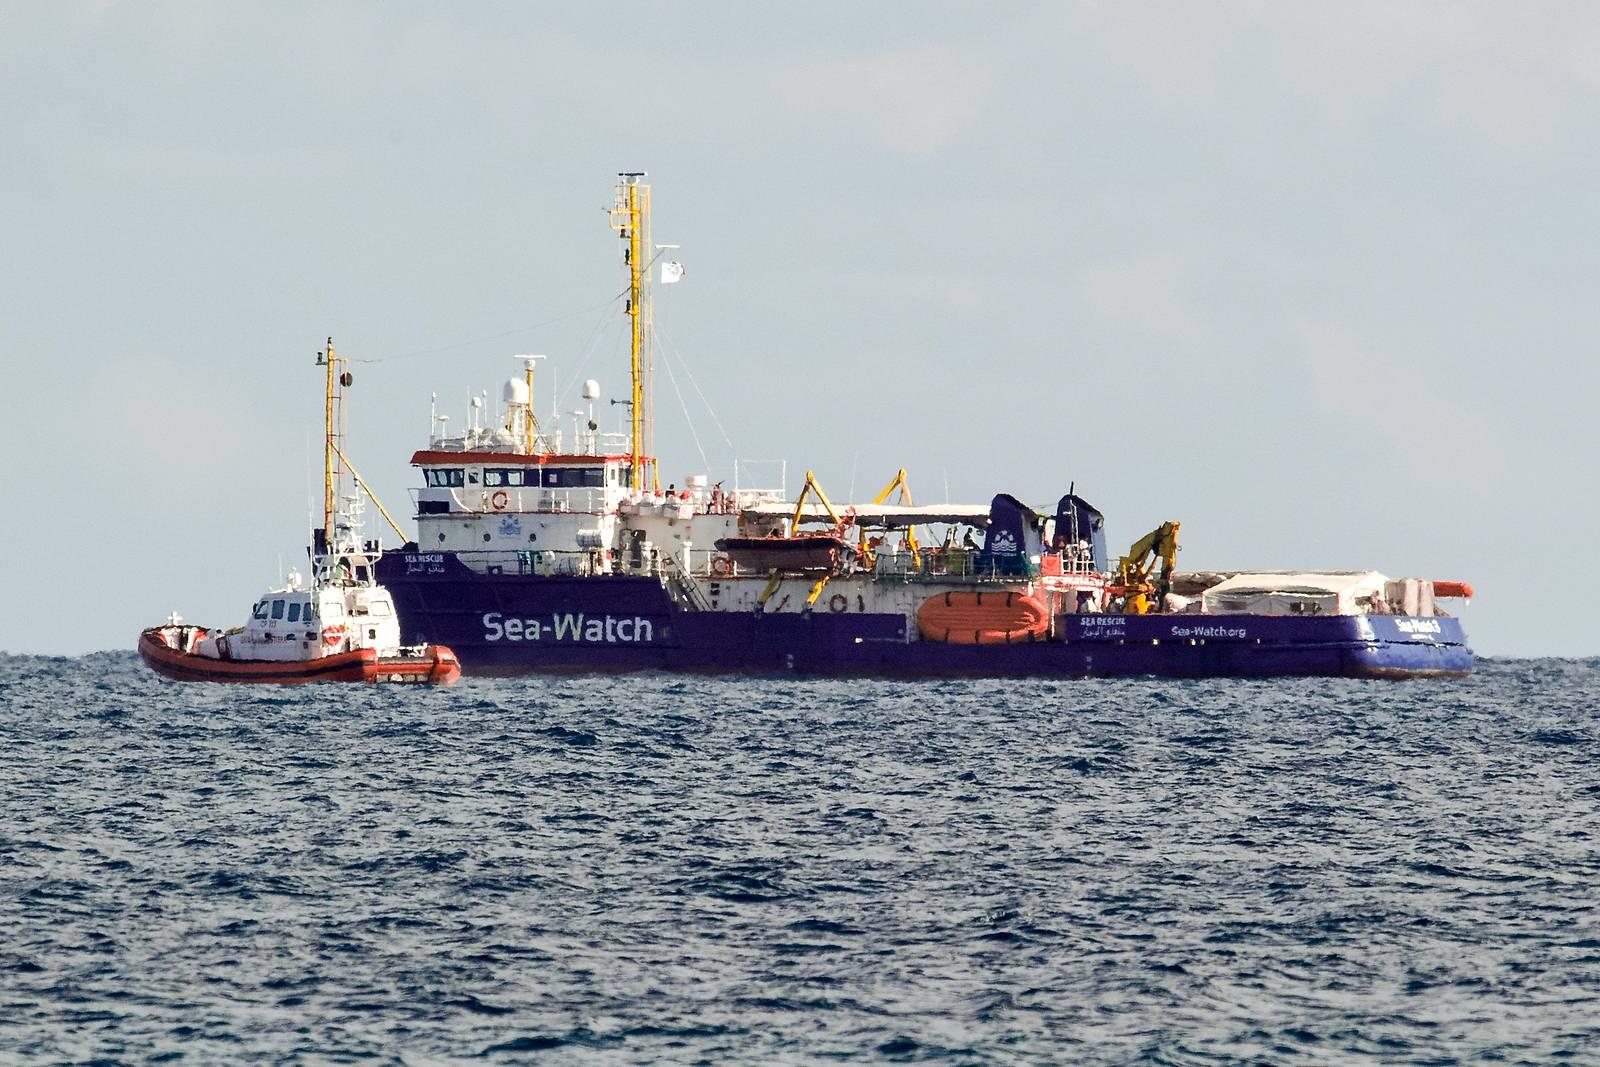 UNO-Appell an Rom: Flüchtlingsschiff anlegen lassen